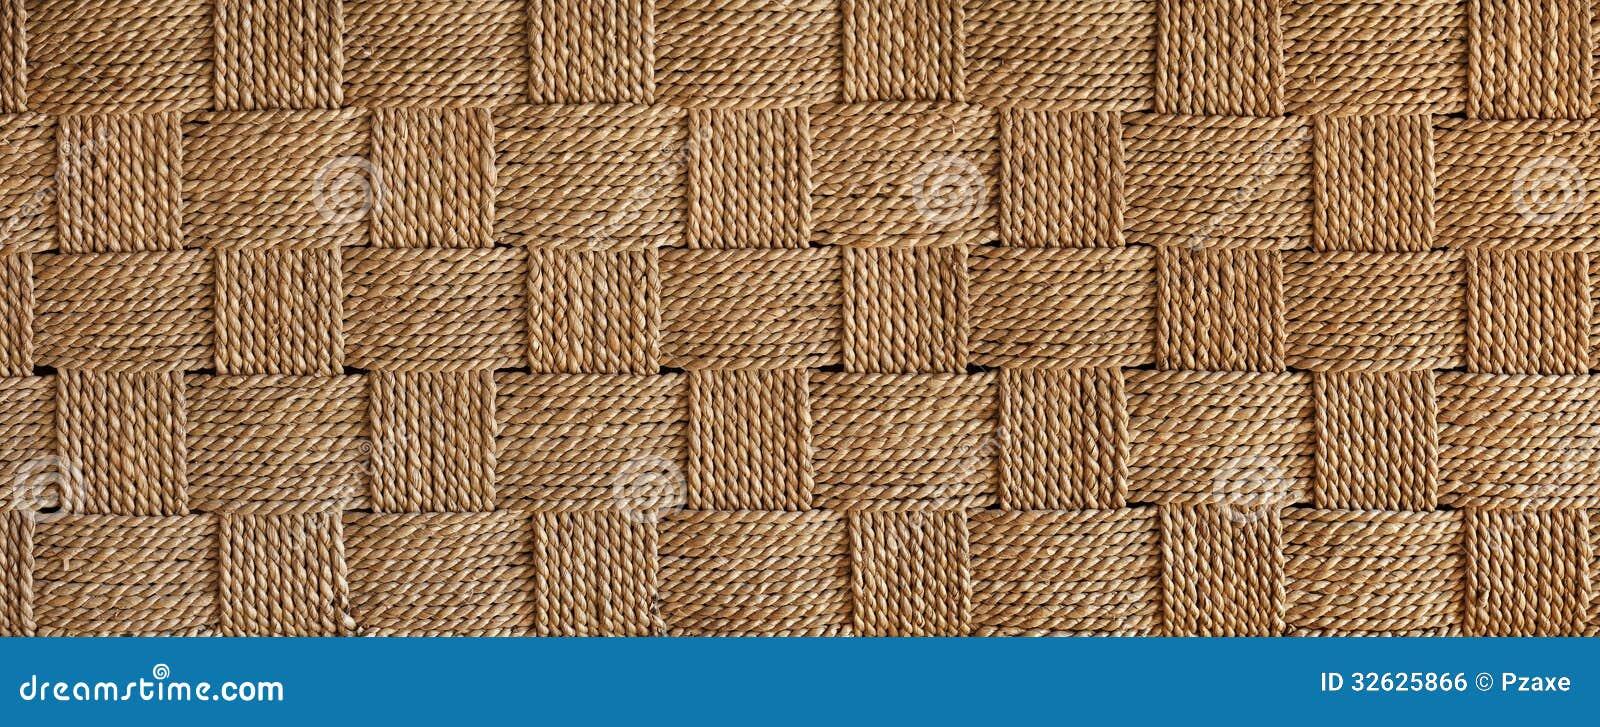 Fibre tessili naturali orizzontali che tessono fondo for Fibre naturali